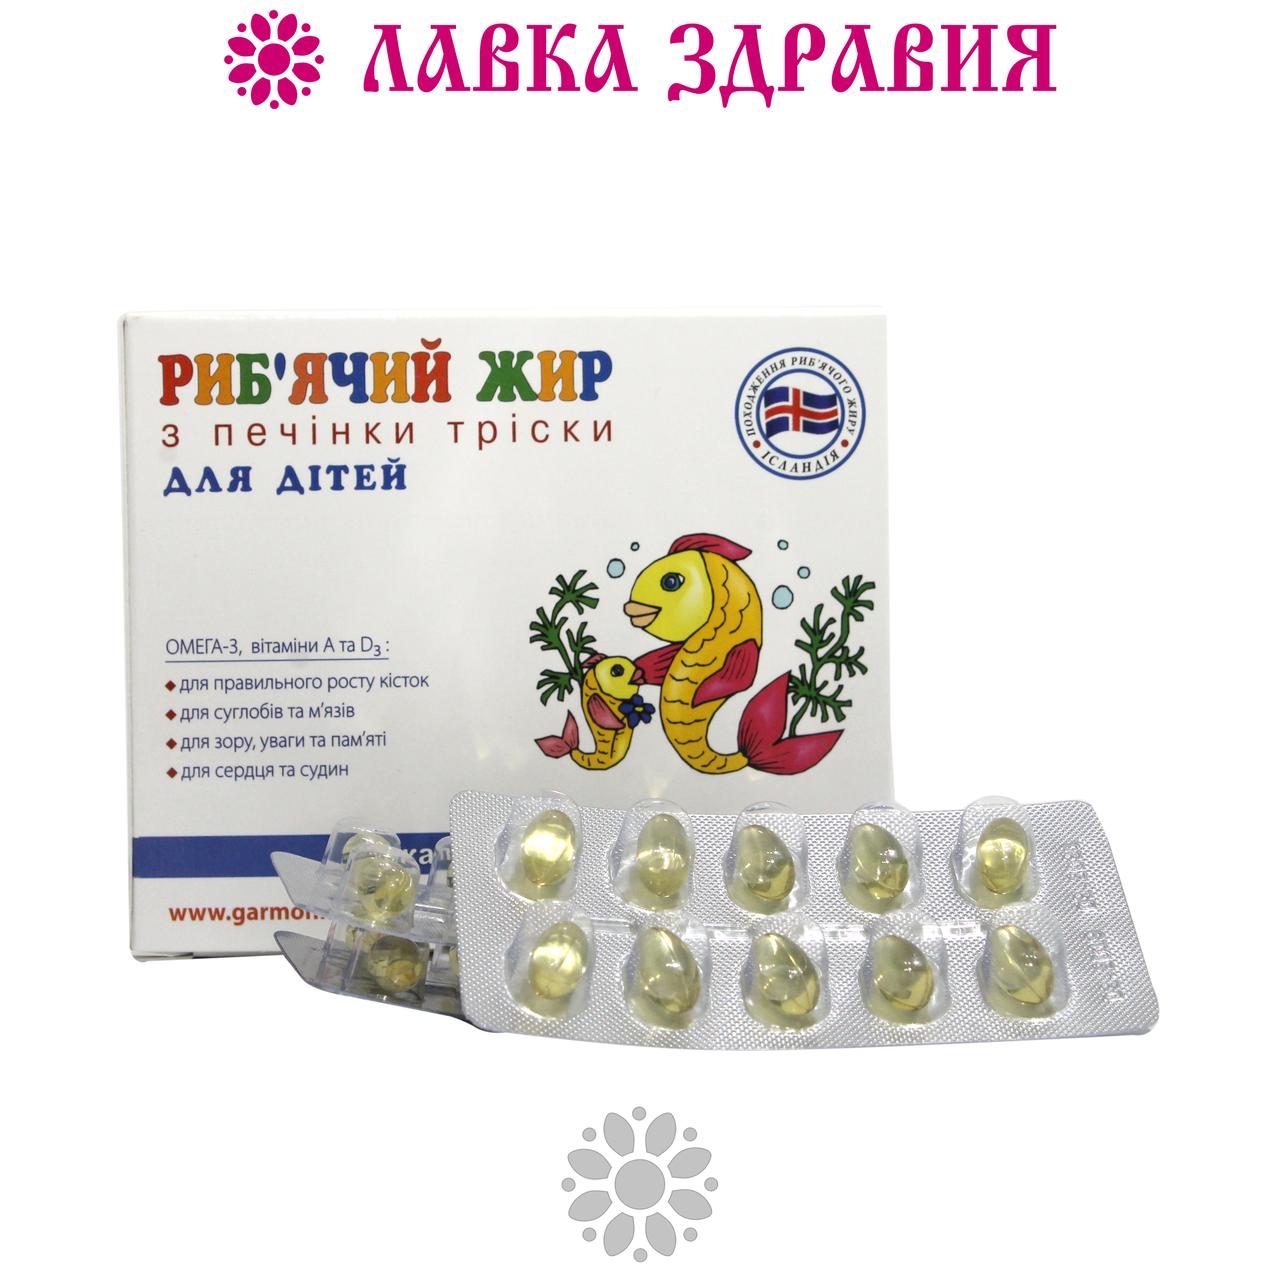 Рыбий жир для детей из печени трески, 100 капсул по 300 мг, Исландия-Украина